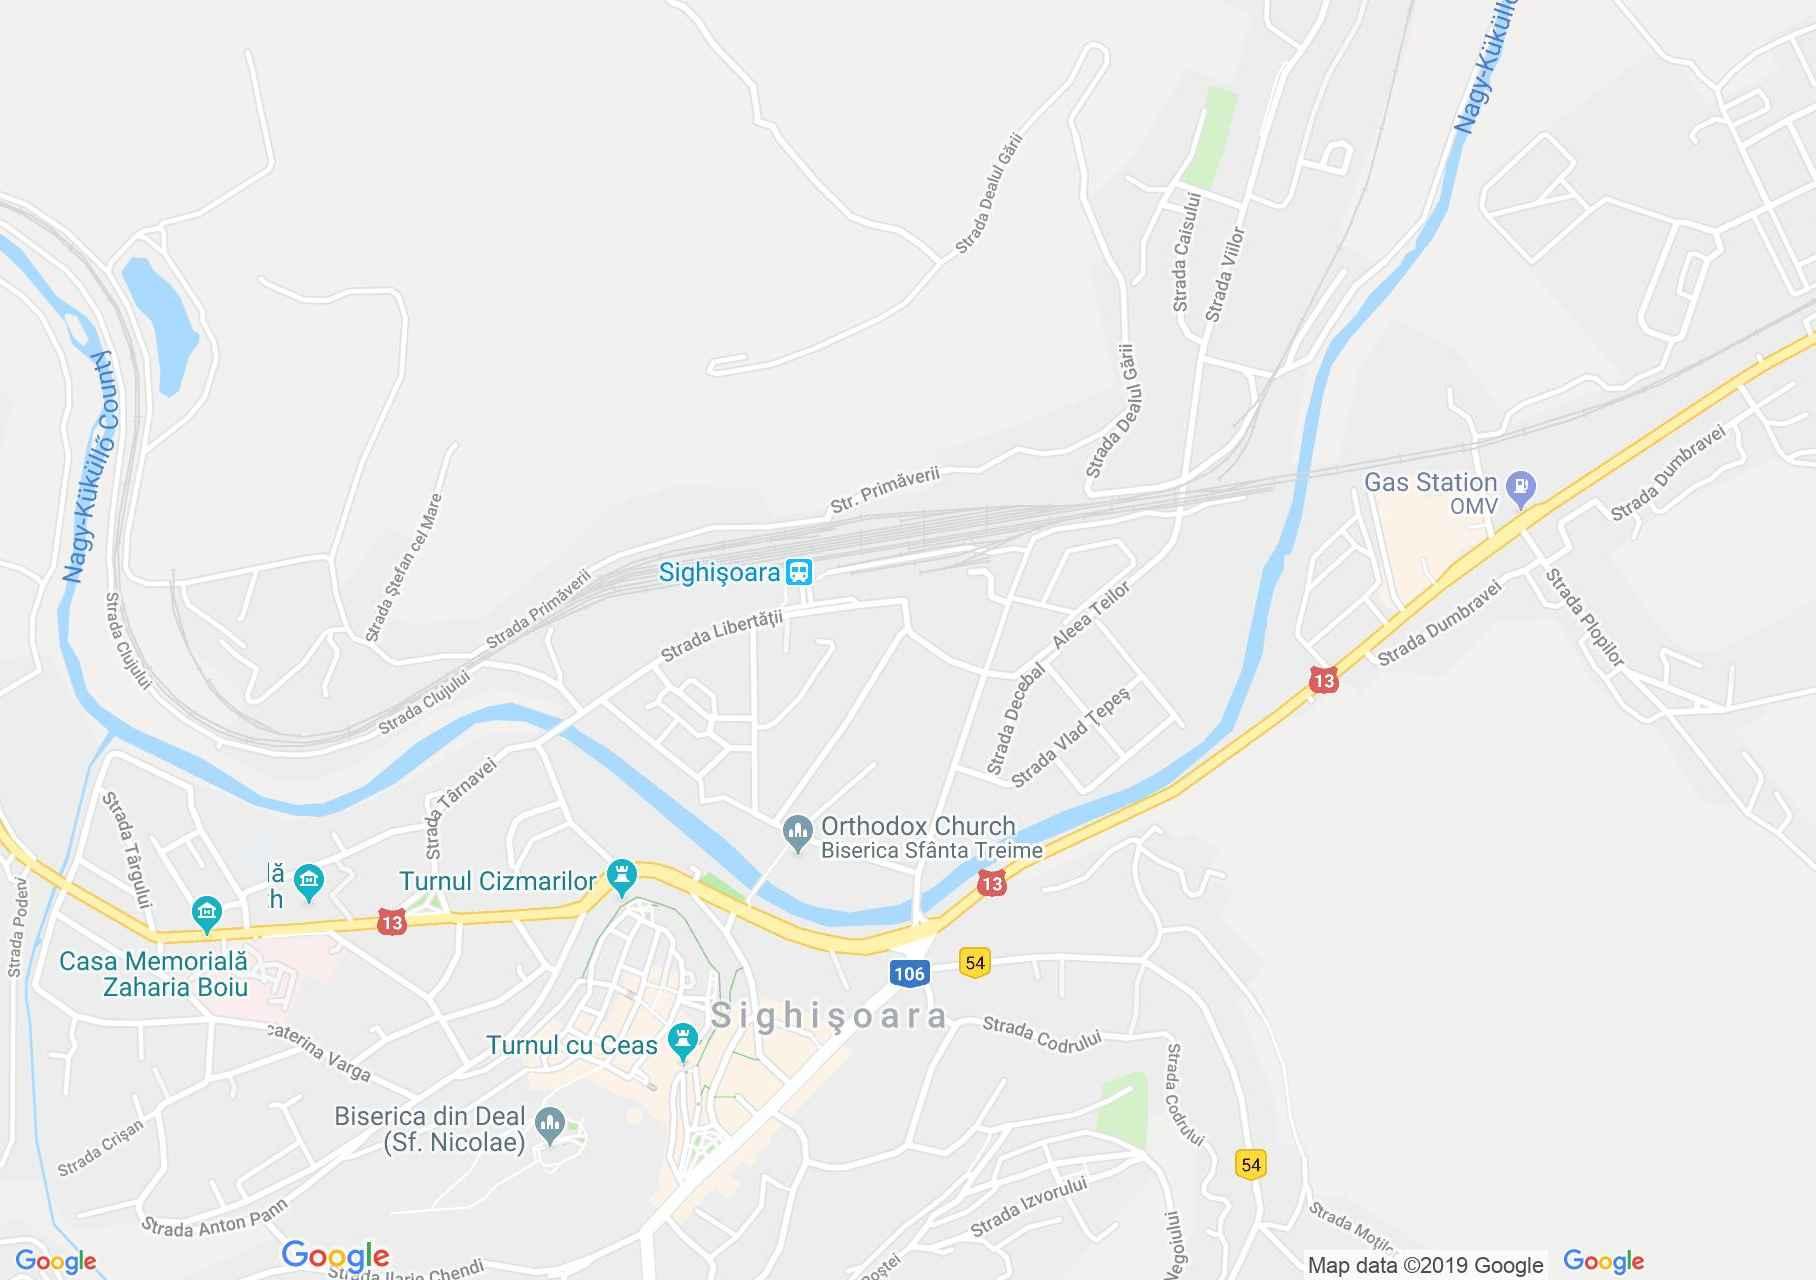 Hartă Sighişoara: Schaessburg, Segesvár - Obiective turistice, festivaluri